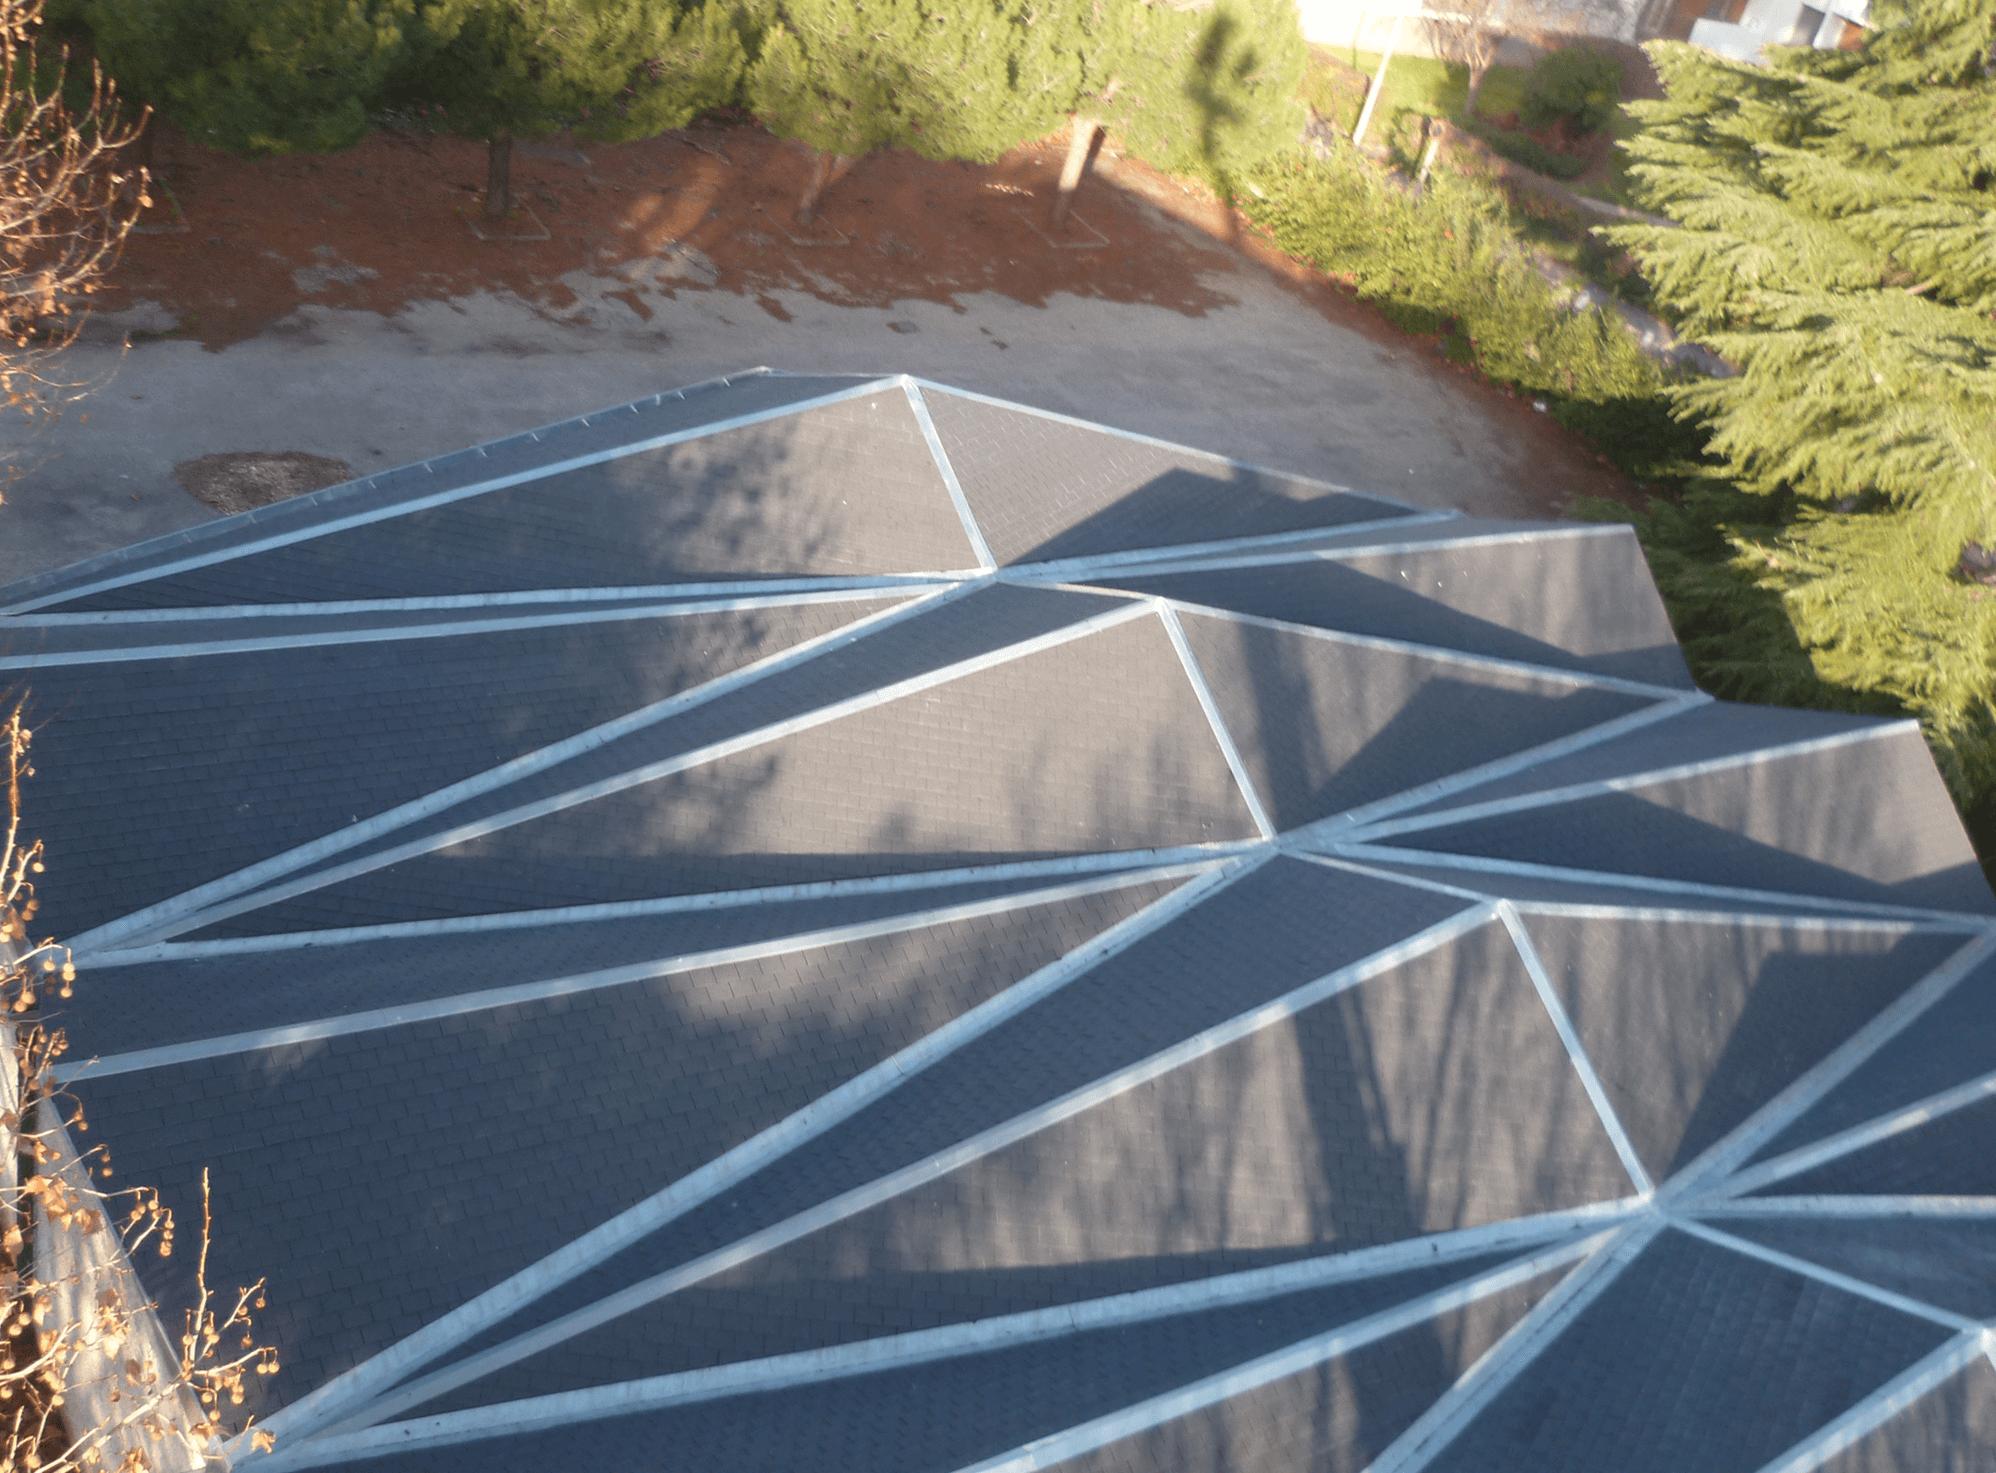 P1010577 copie - Réfection de la toiture et de la zinguerie de l'église de Saint Fons